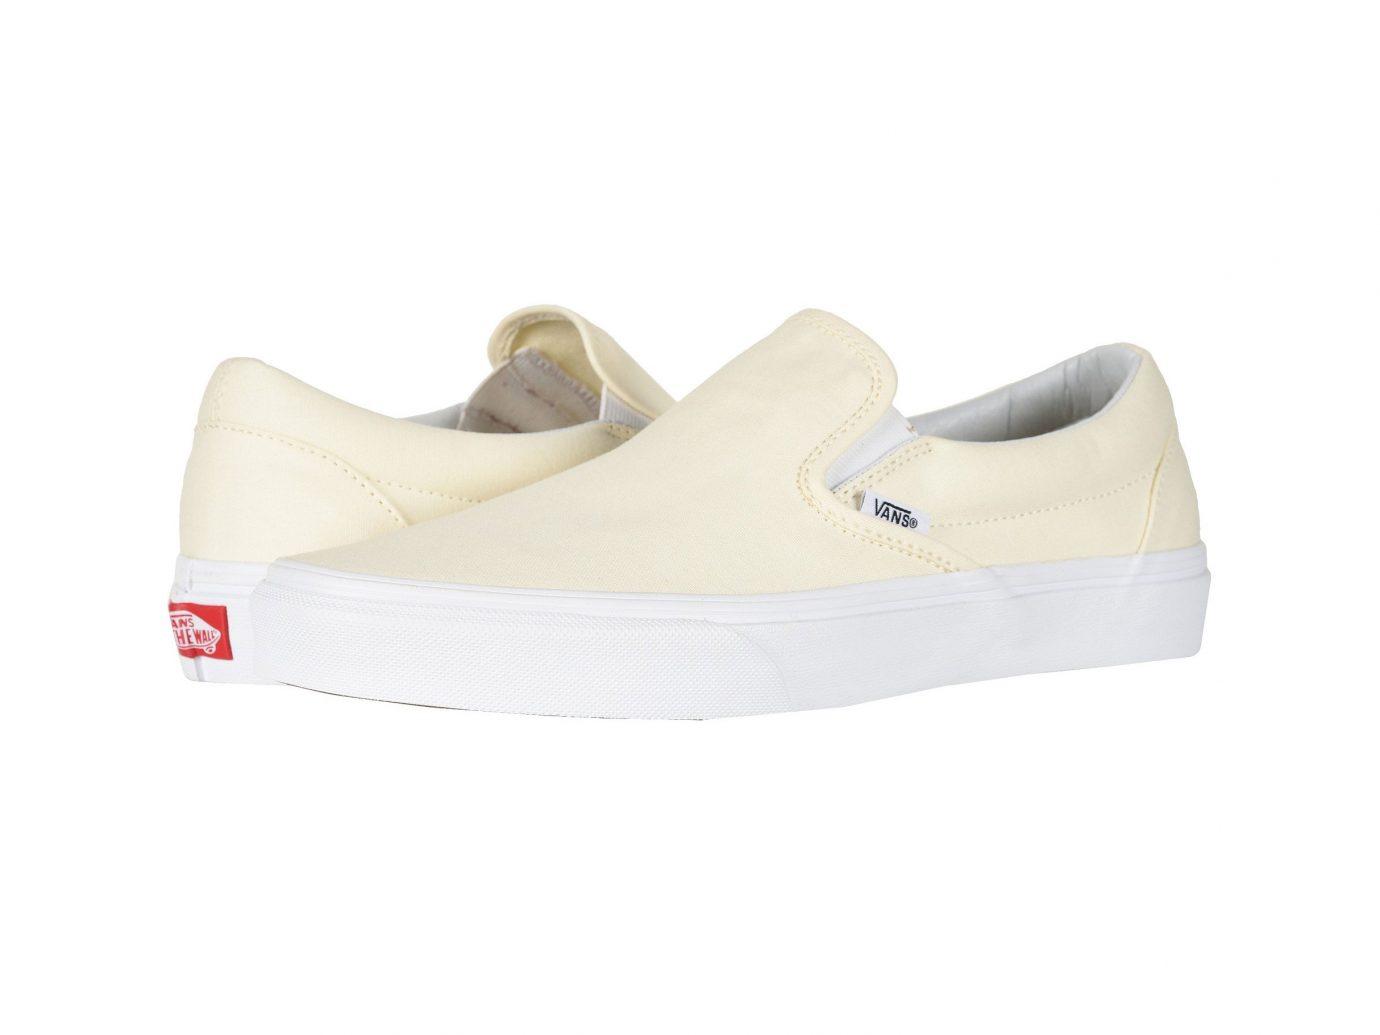 Vans Classic Slip-On off white